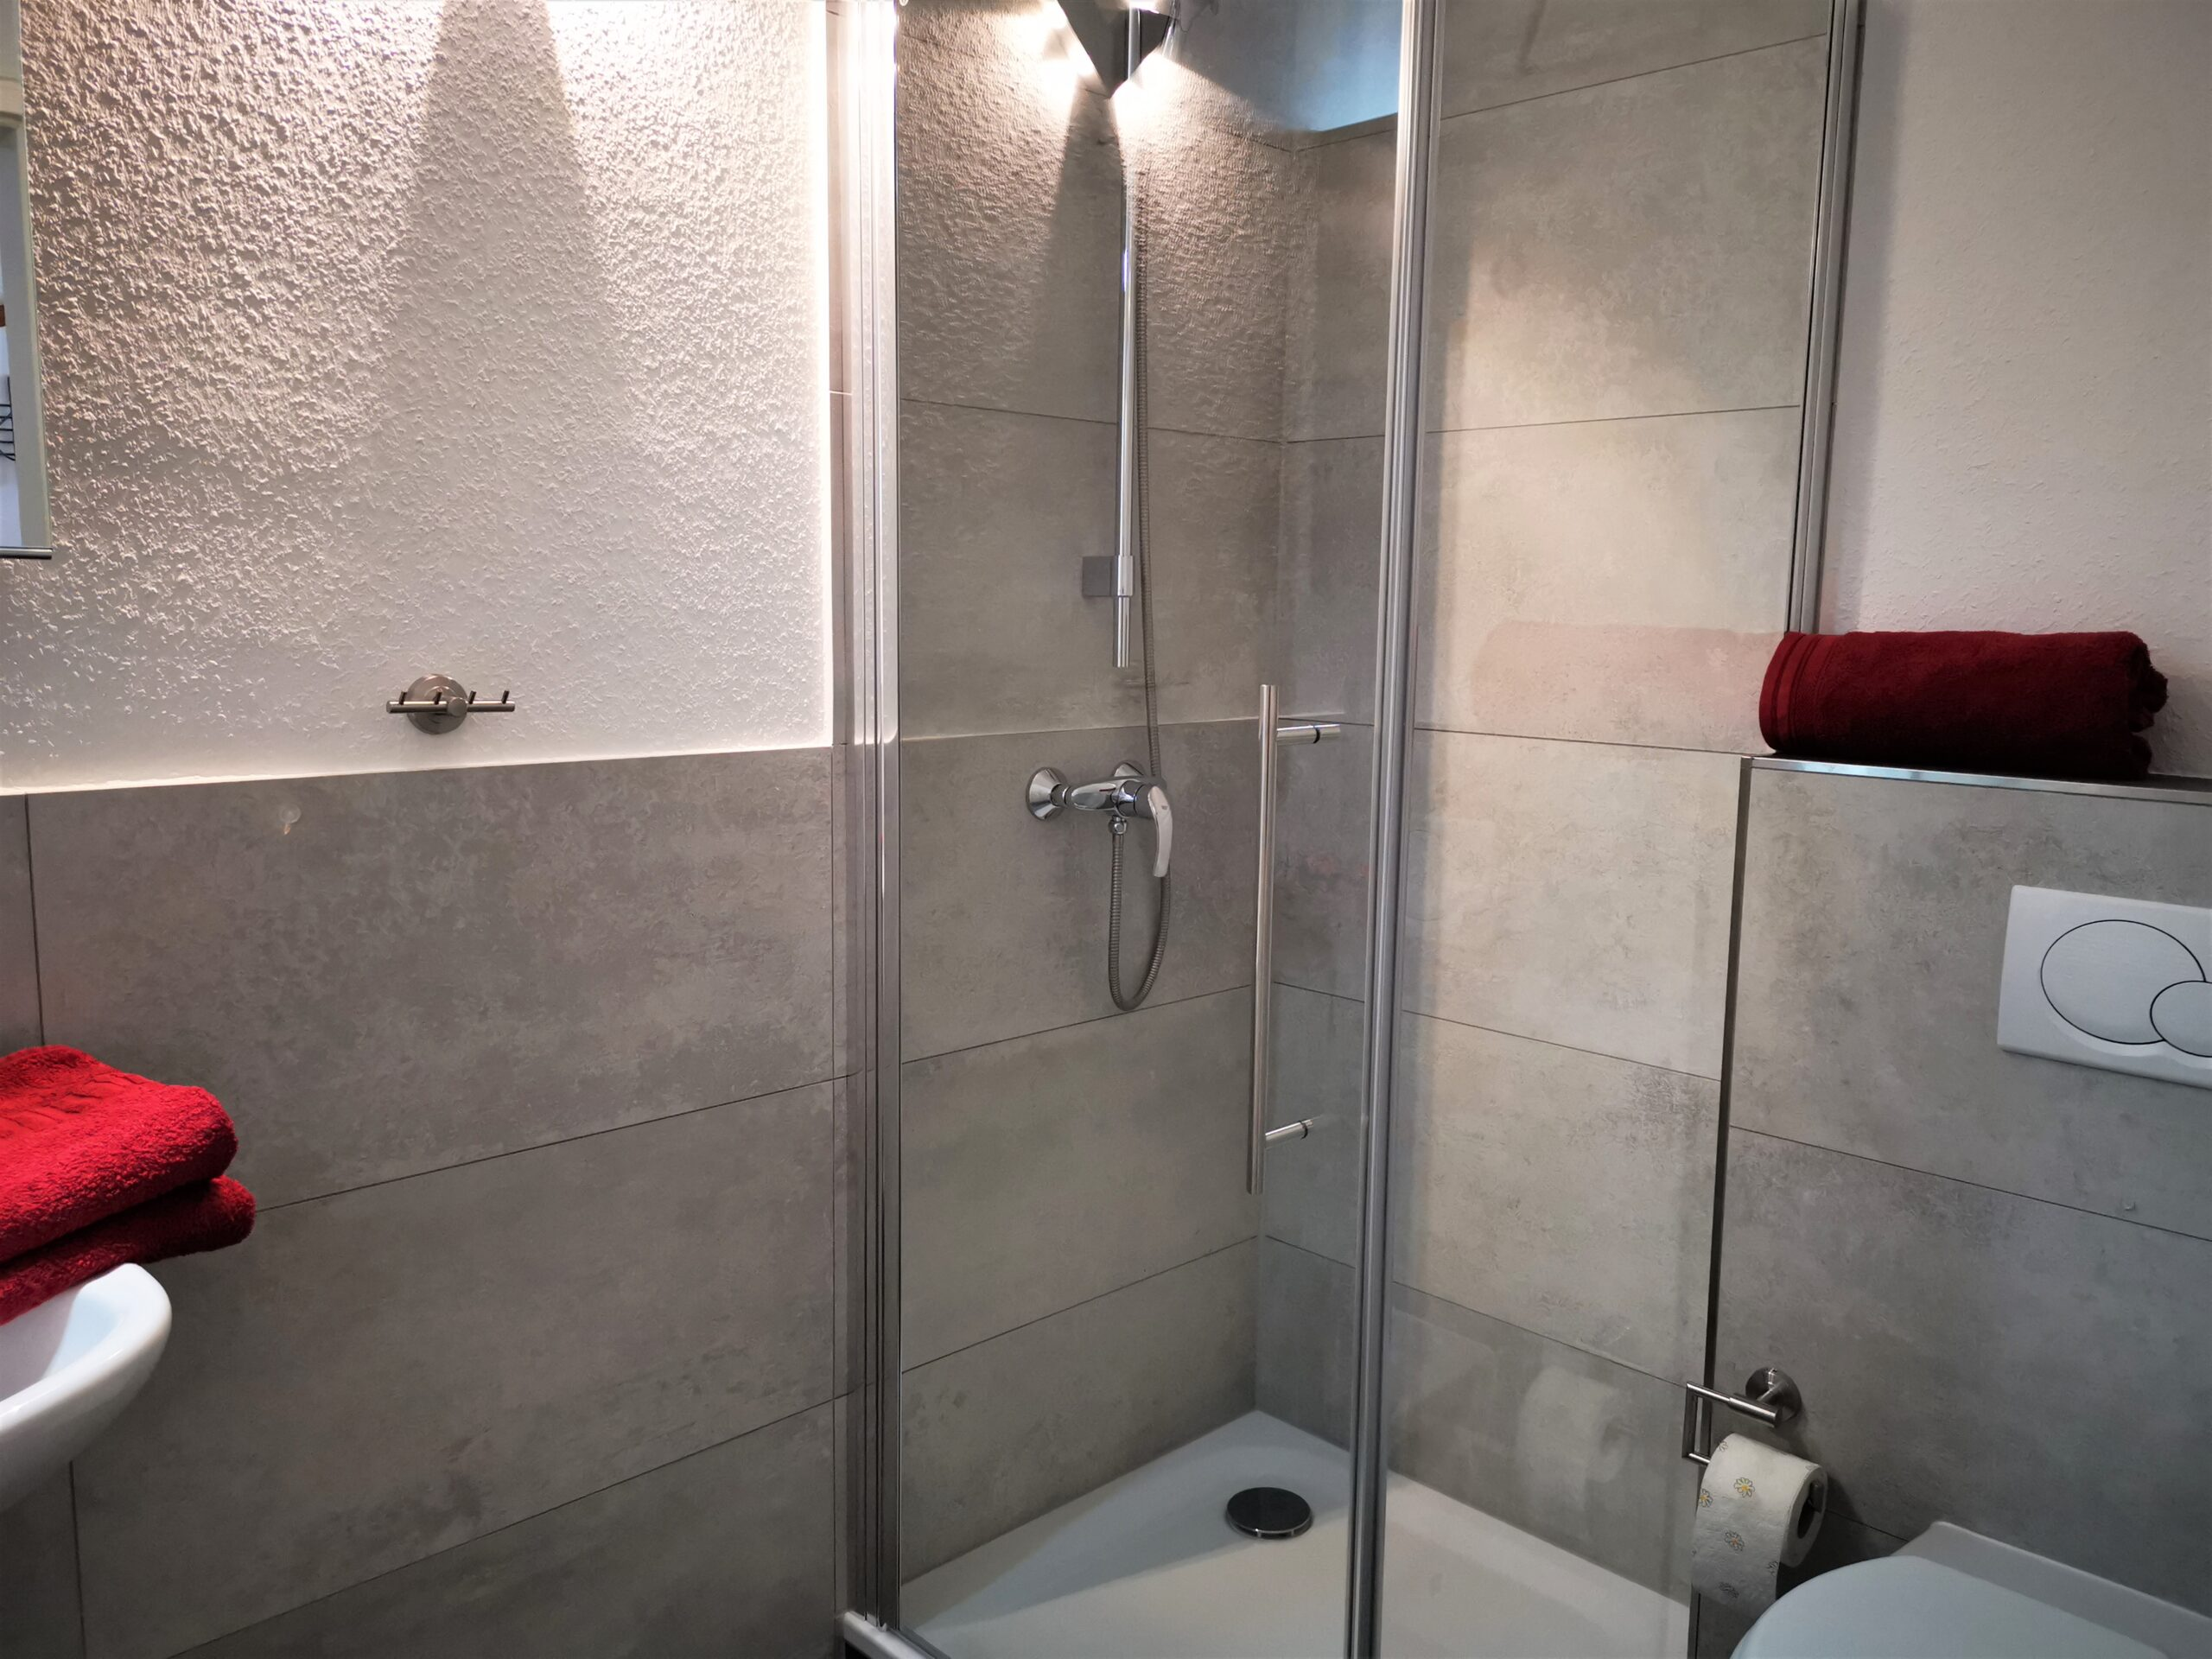 Badezimmer mit Dusche der Ferienwohnung Fehmarn von Ferienwohnungen Hass auf Fehmarn